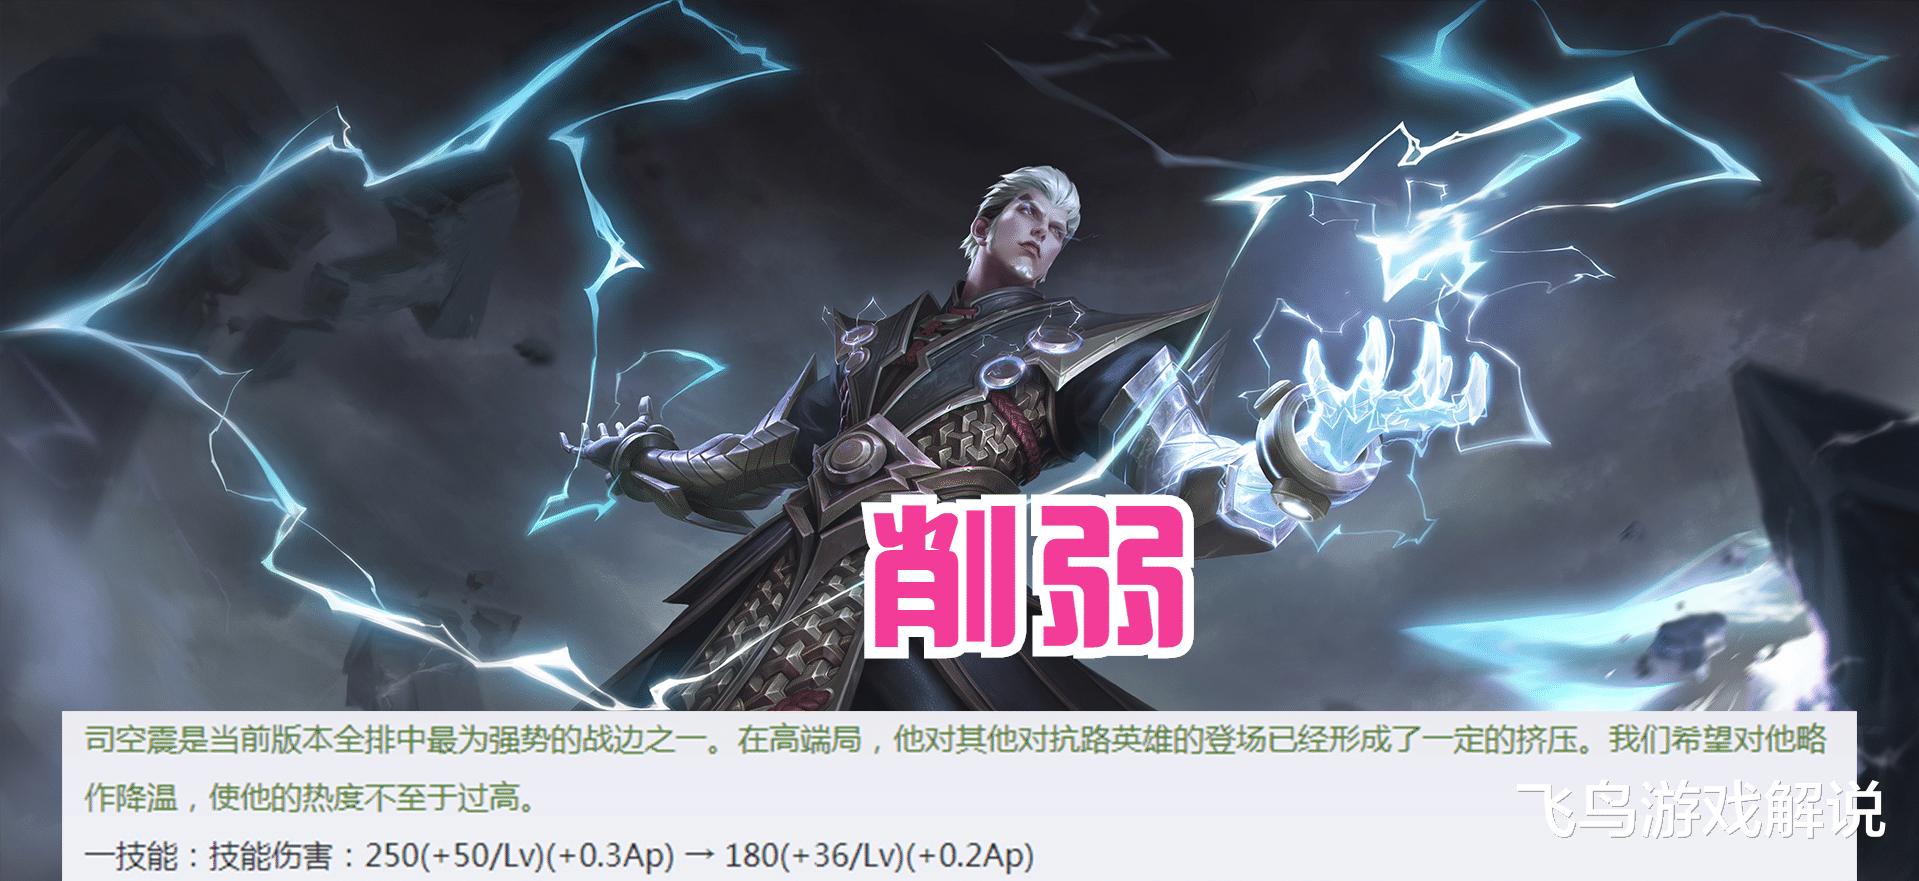 王者荣耀重大更新:梦奇遭大砍,永久英雄免费领,新玩法来袭